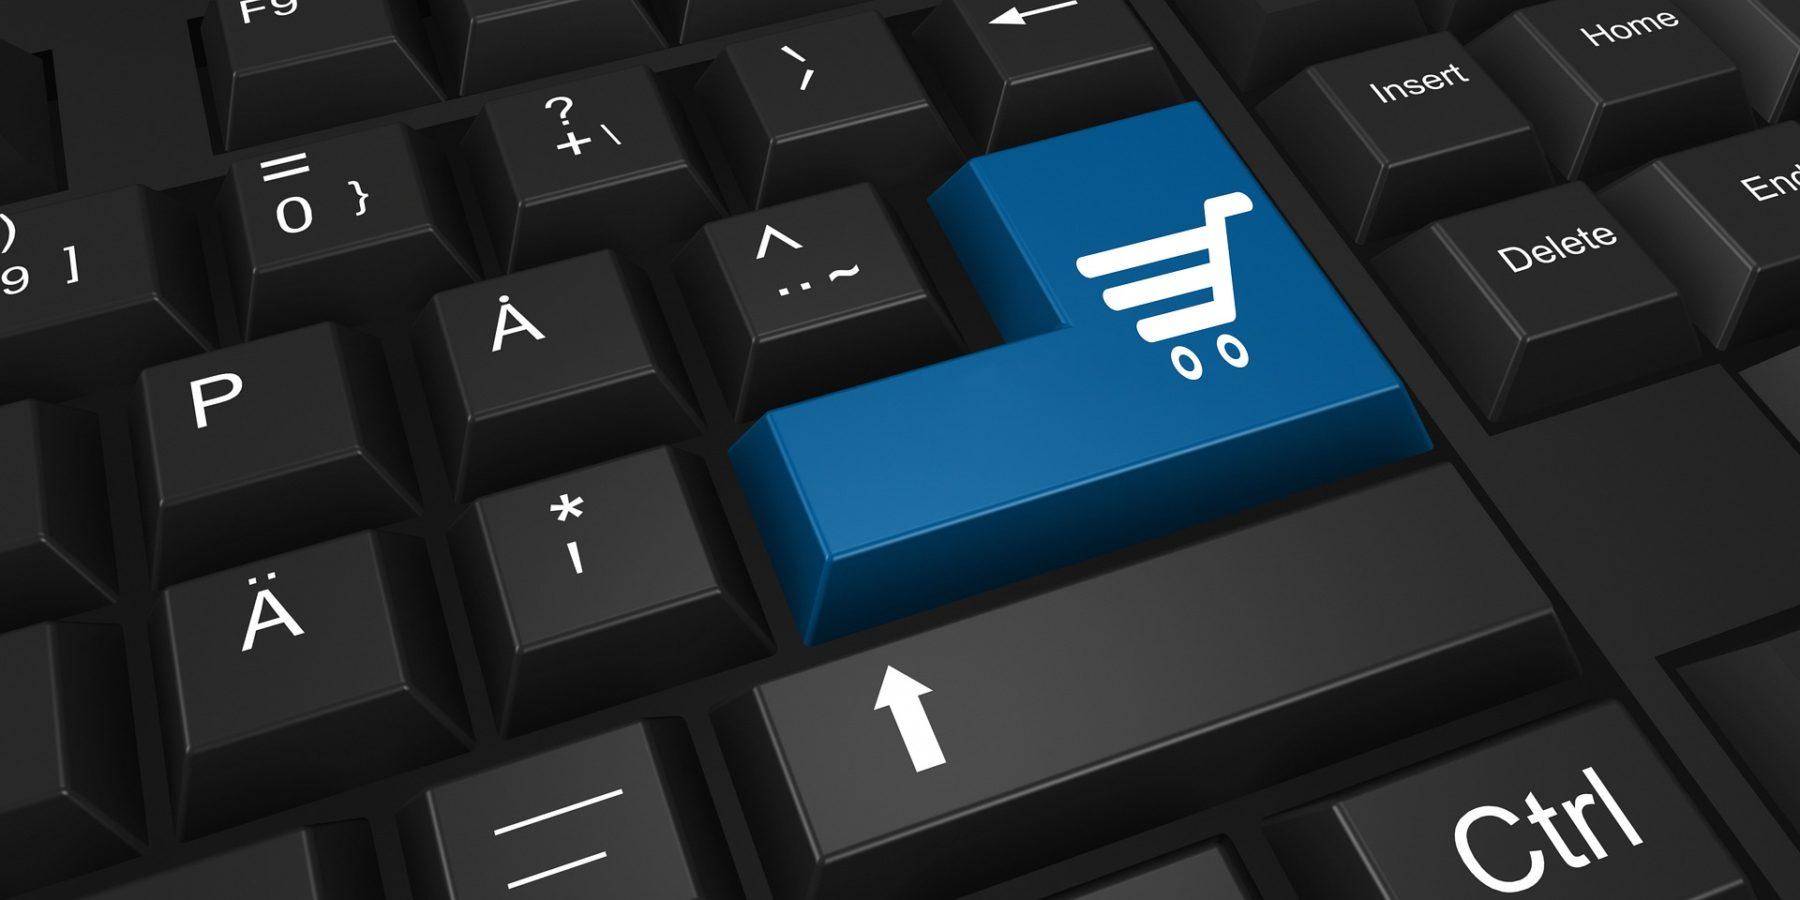 Die Fortbildung schafft neue Karriereoptionen im boomenden Online-Handel. Foto: Pixabay